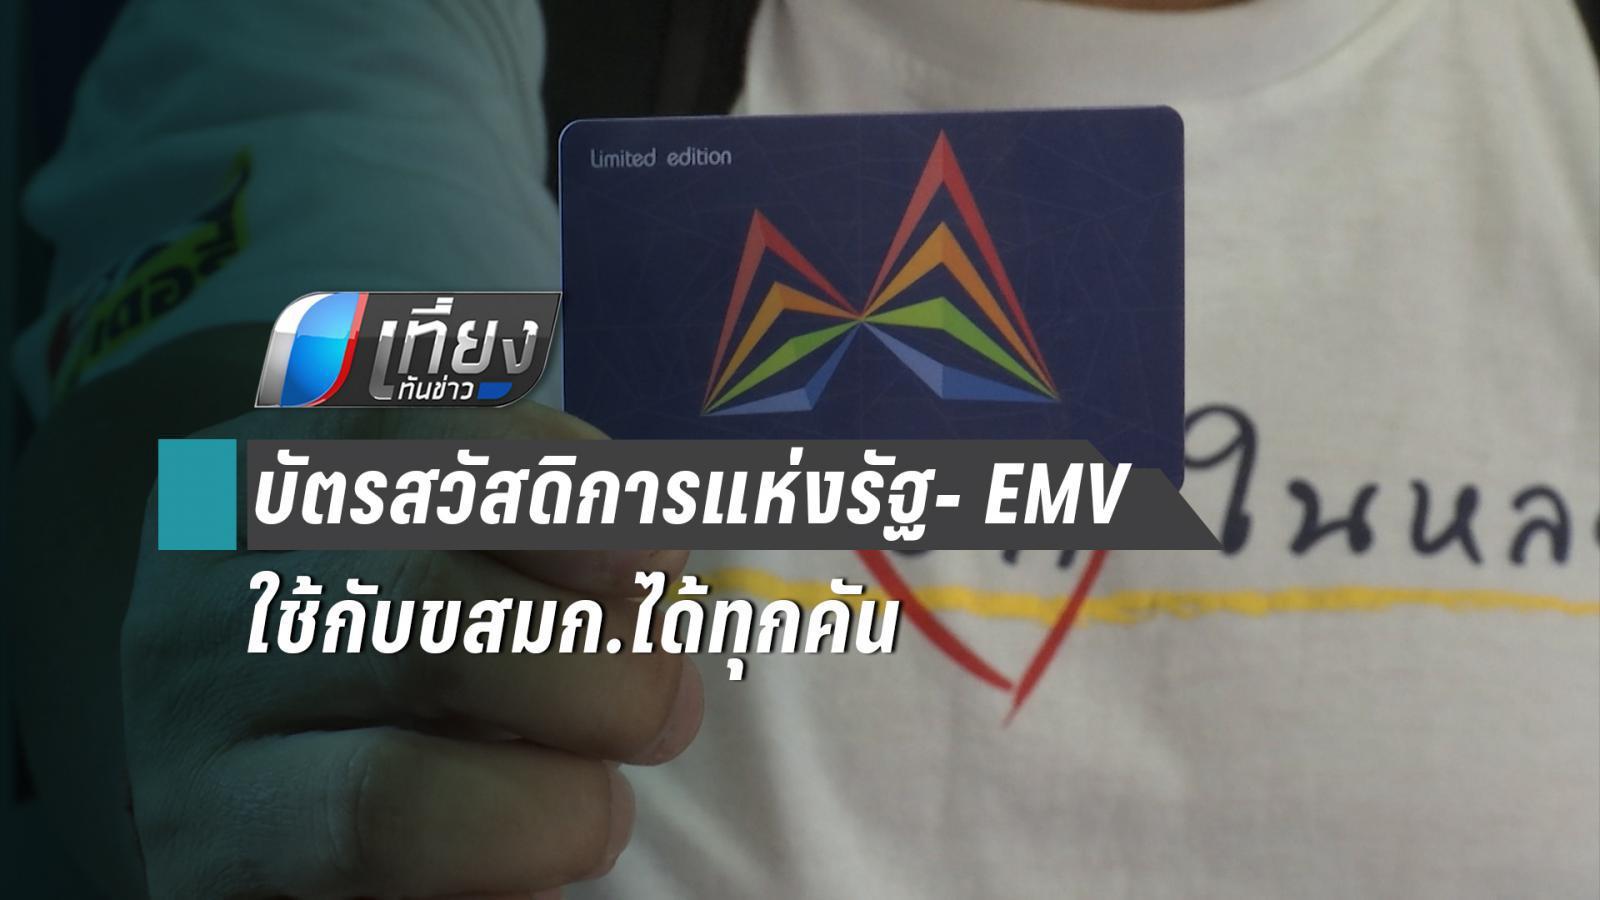 บัตรสวัสดิการแห่งรัฐรุ่นแมงมุมและ EMV ใช้กับขสมก.ได้ทุกคัน